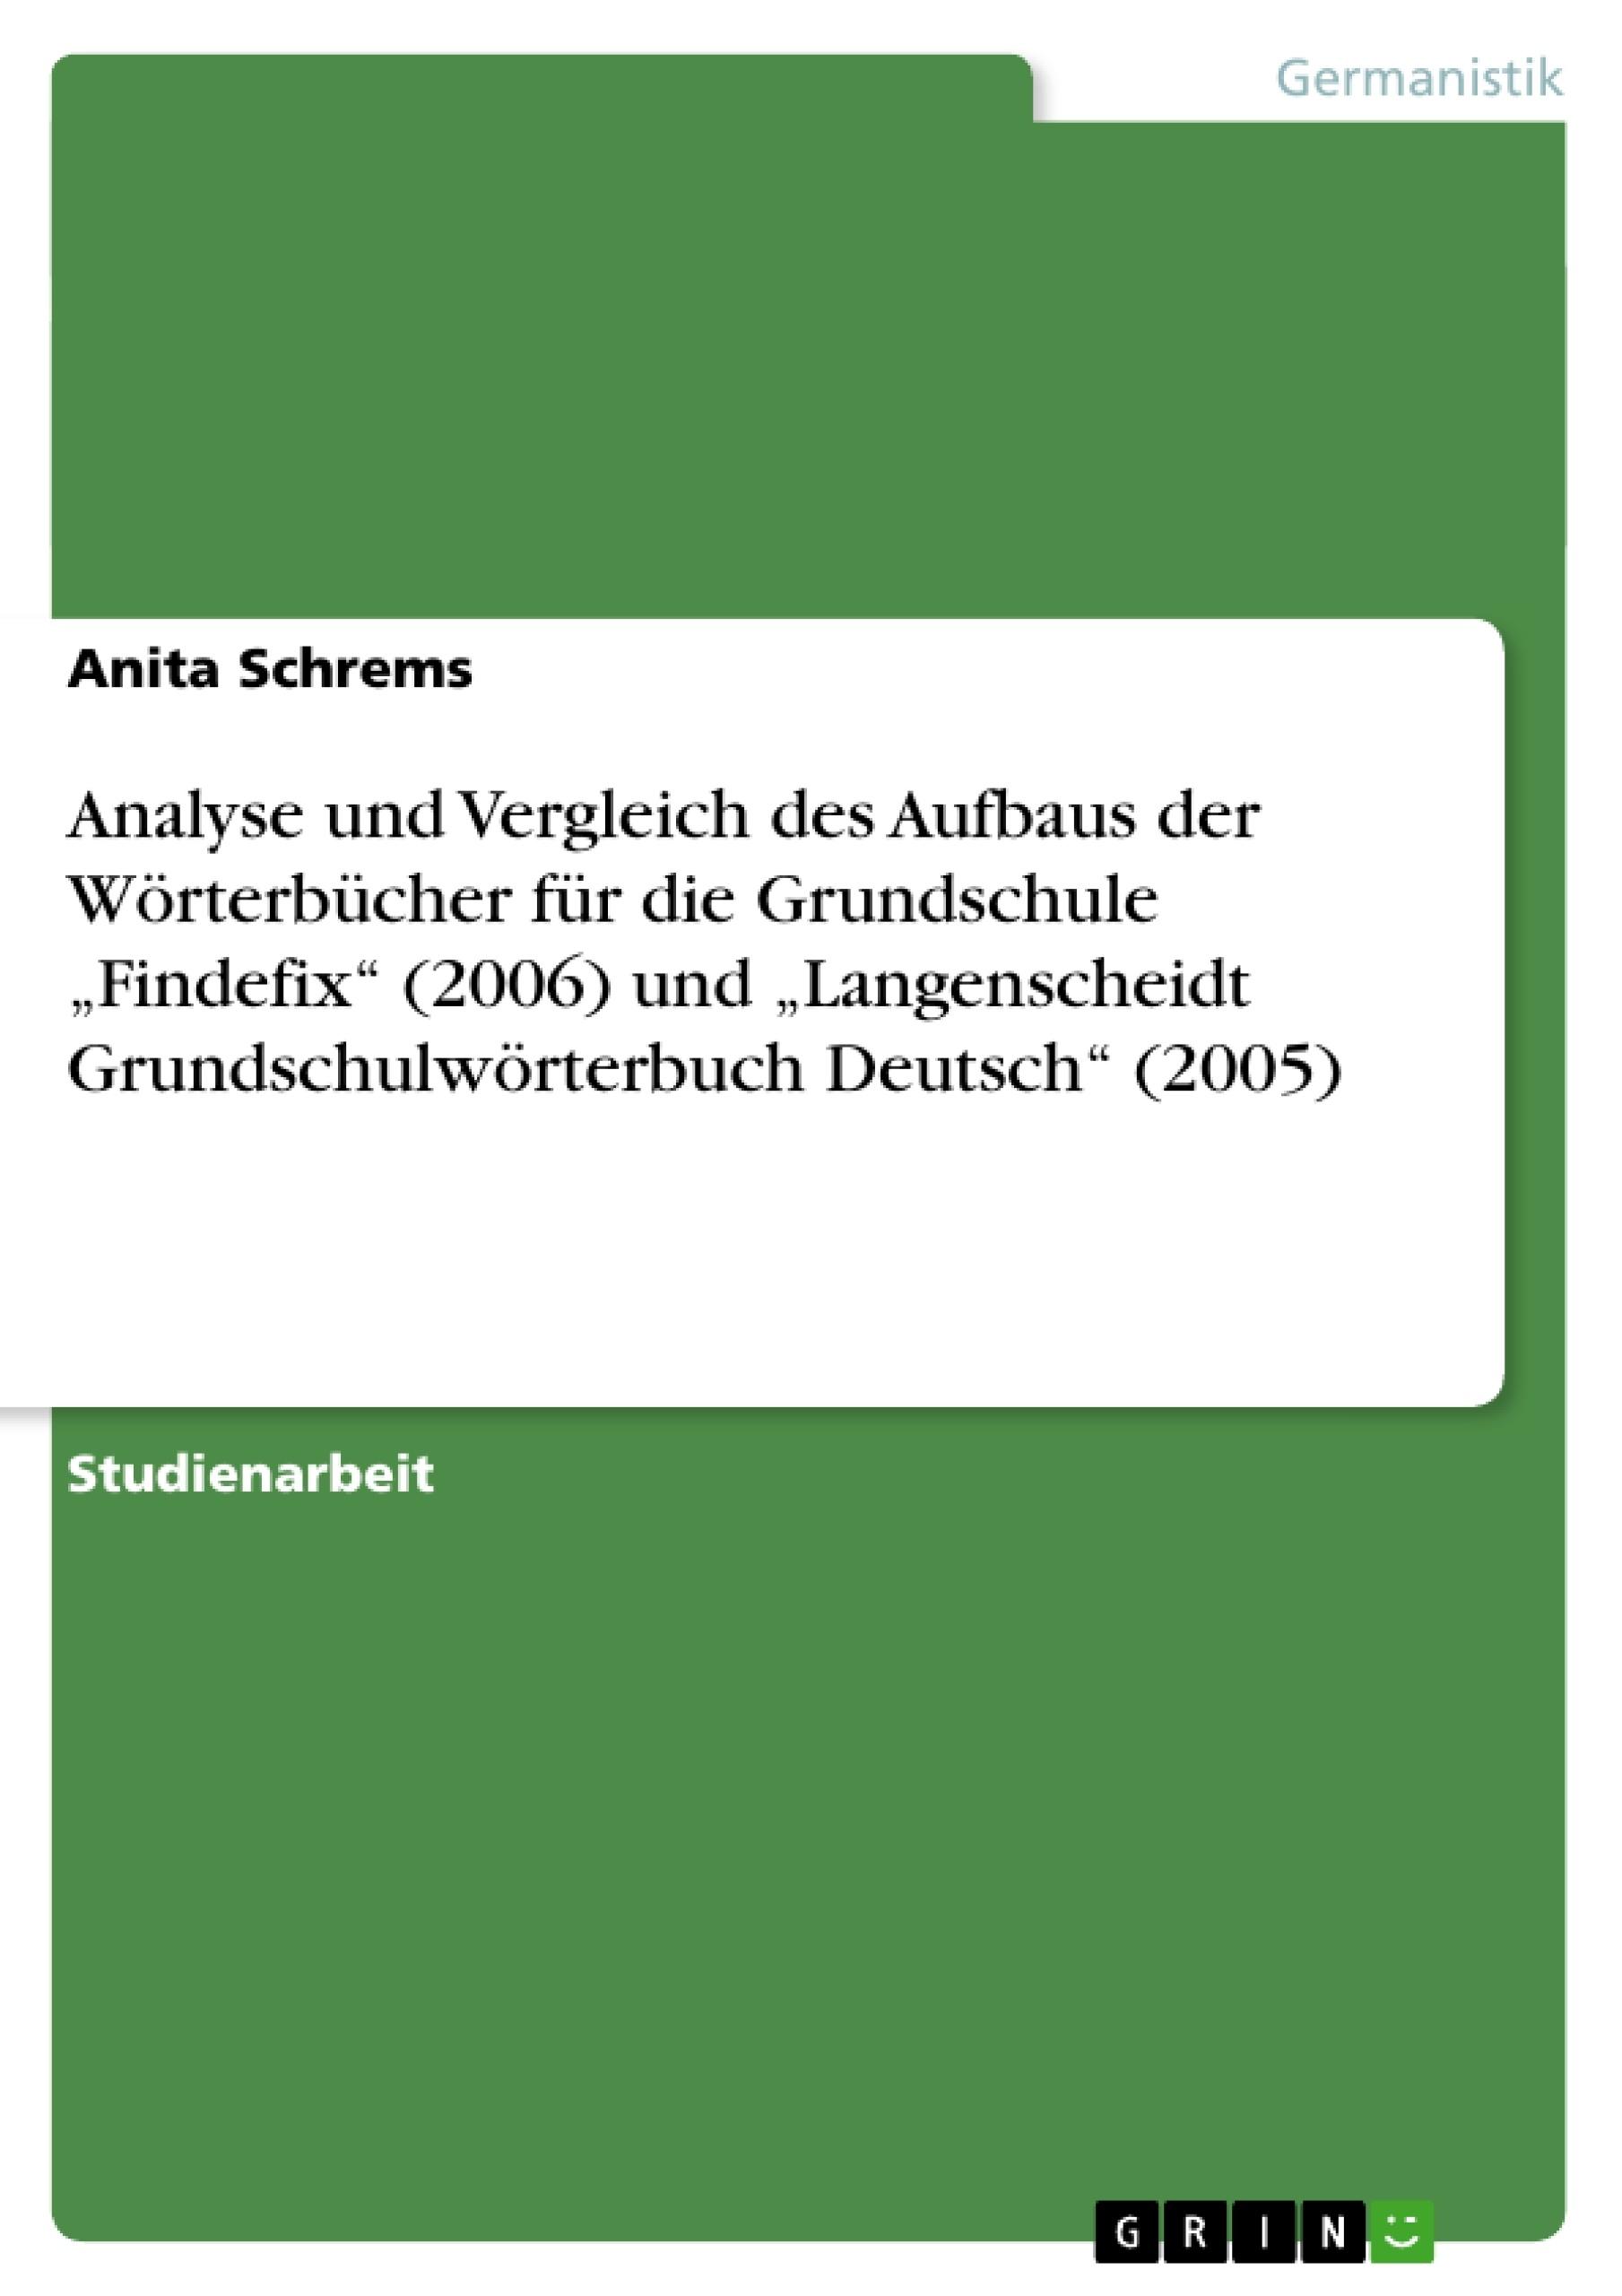 """Titel: Analyse und Vergleich des Aufbaus der Wörterbücher für die Grundschule """"Findefix"""" (2006) und """"Langenscheidt Grundschulwörterbuch Deutsch"""" (2005)"""